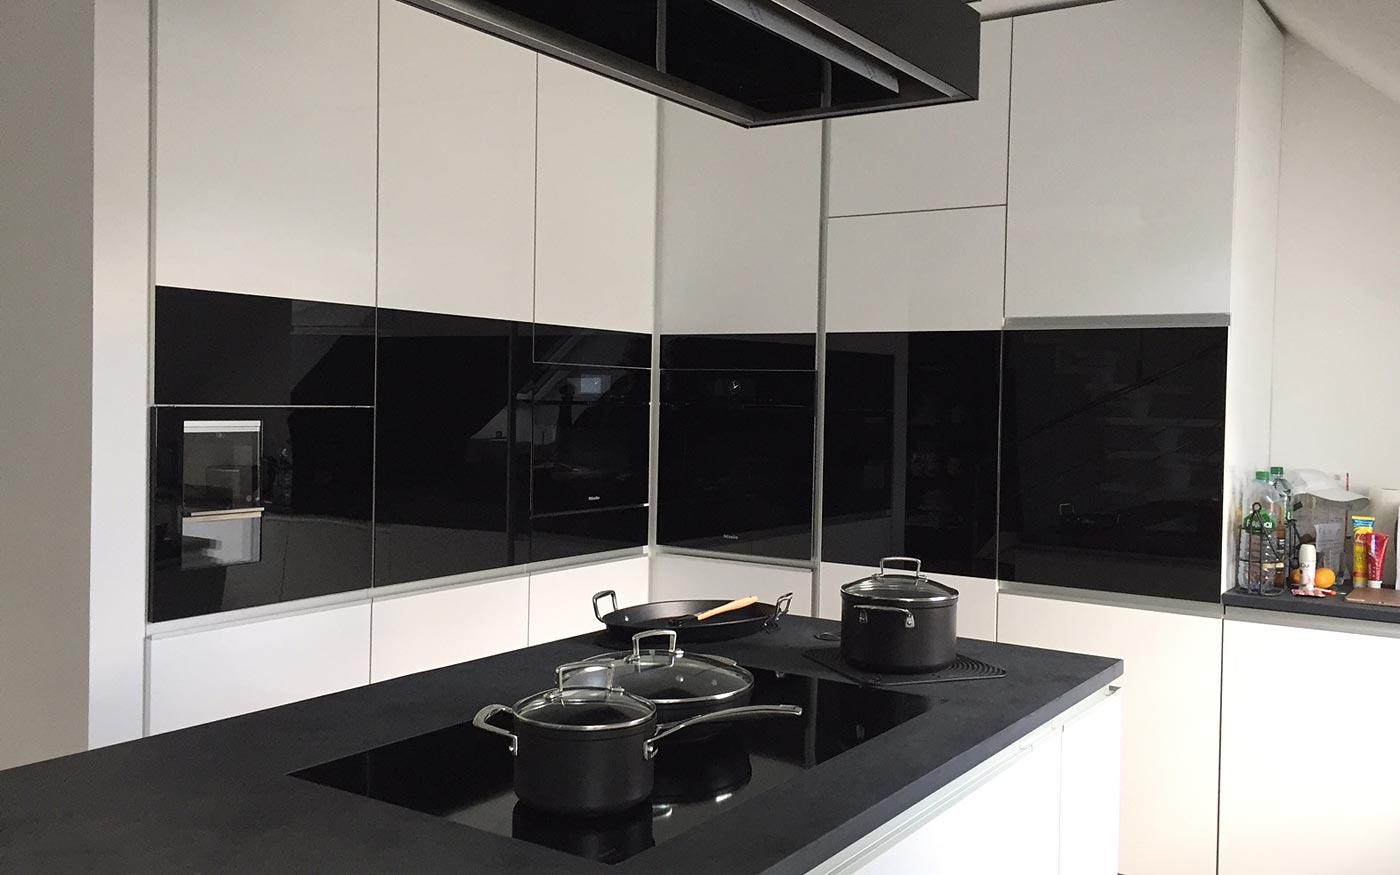 Küche in Schwarz und Weiß